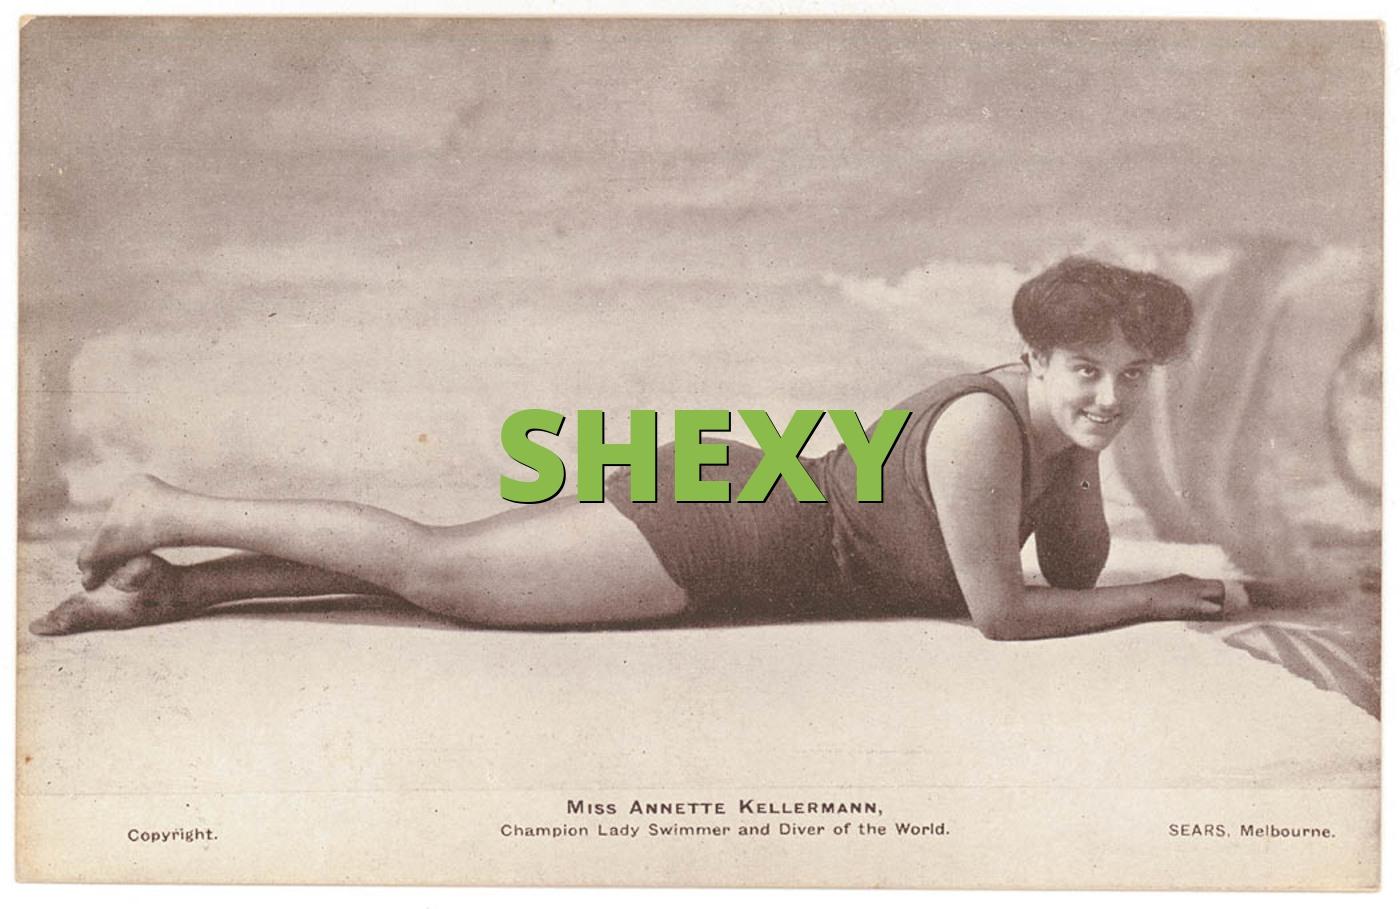 SHEXY